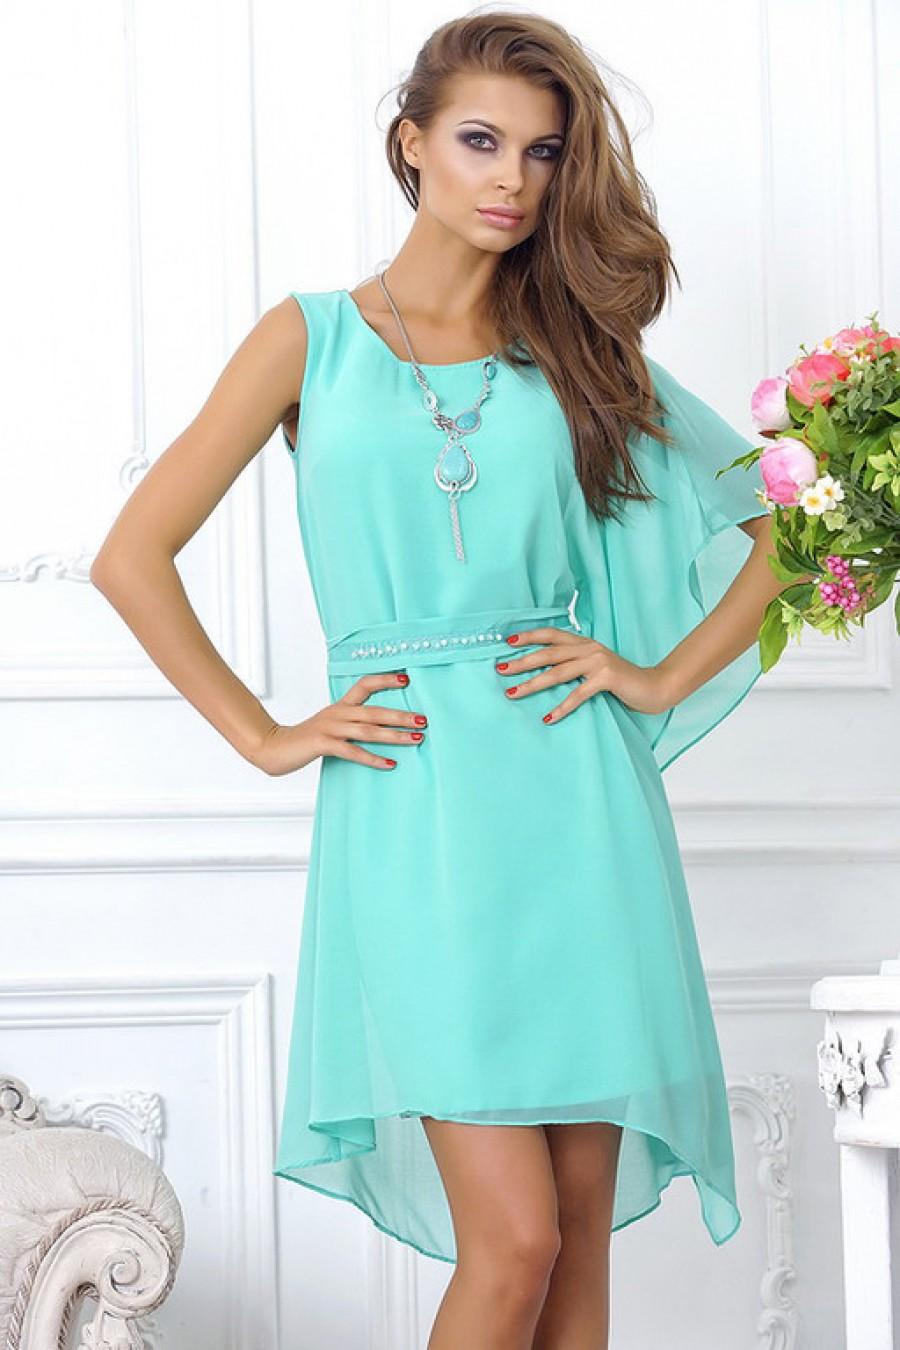 этого картинки красивые платья бирюзового цвета можем проследить